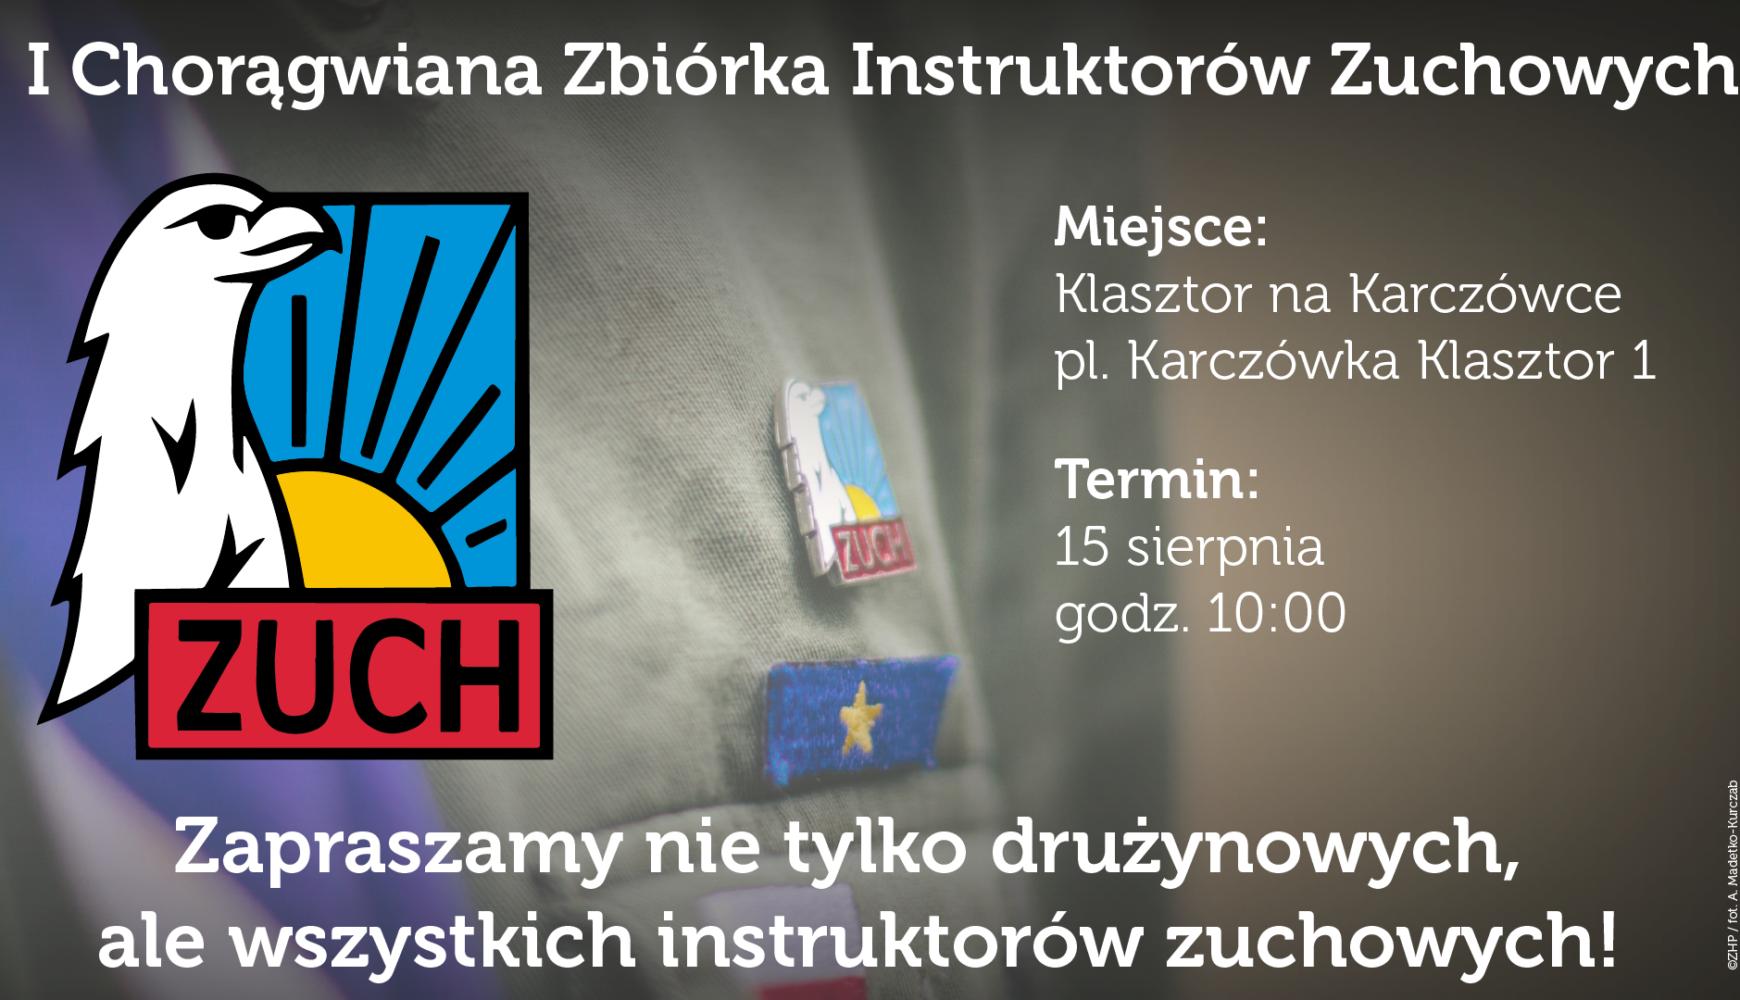 I Chorągwiana Zbiórka Instruktorów Zuchowych